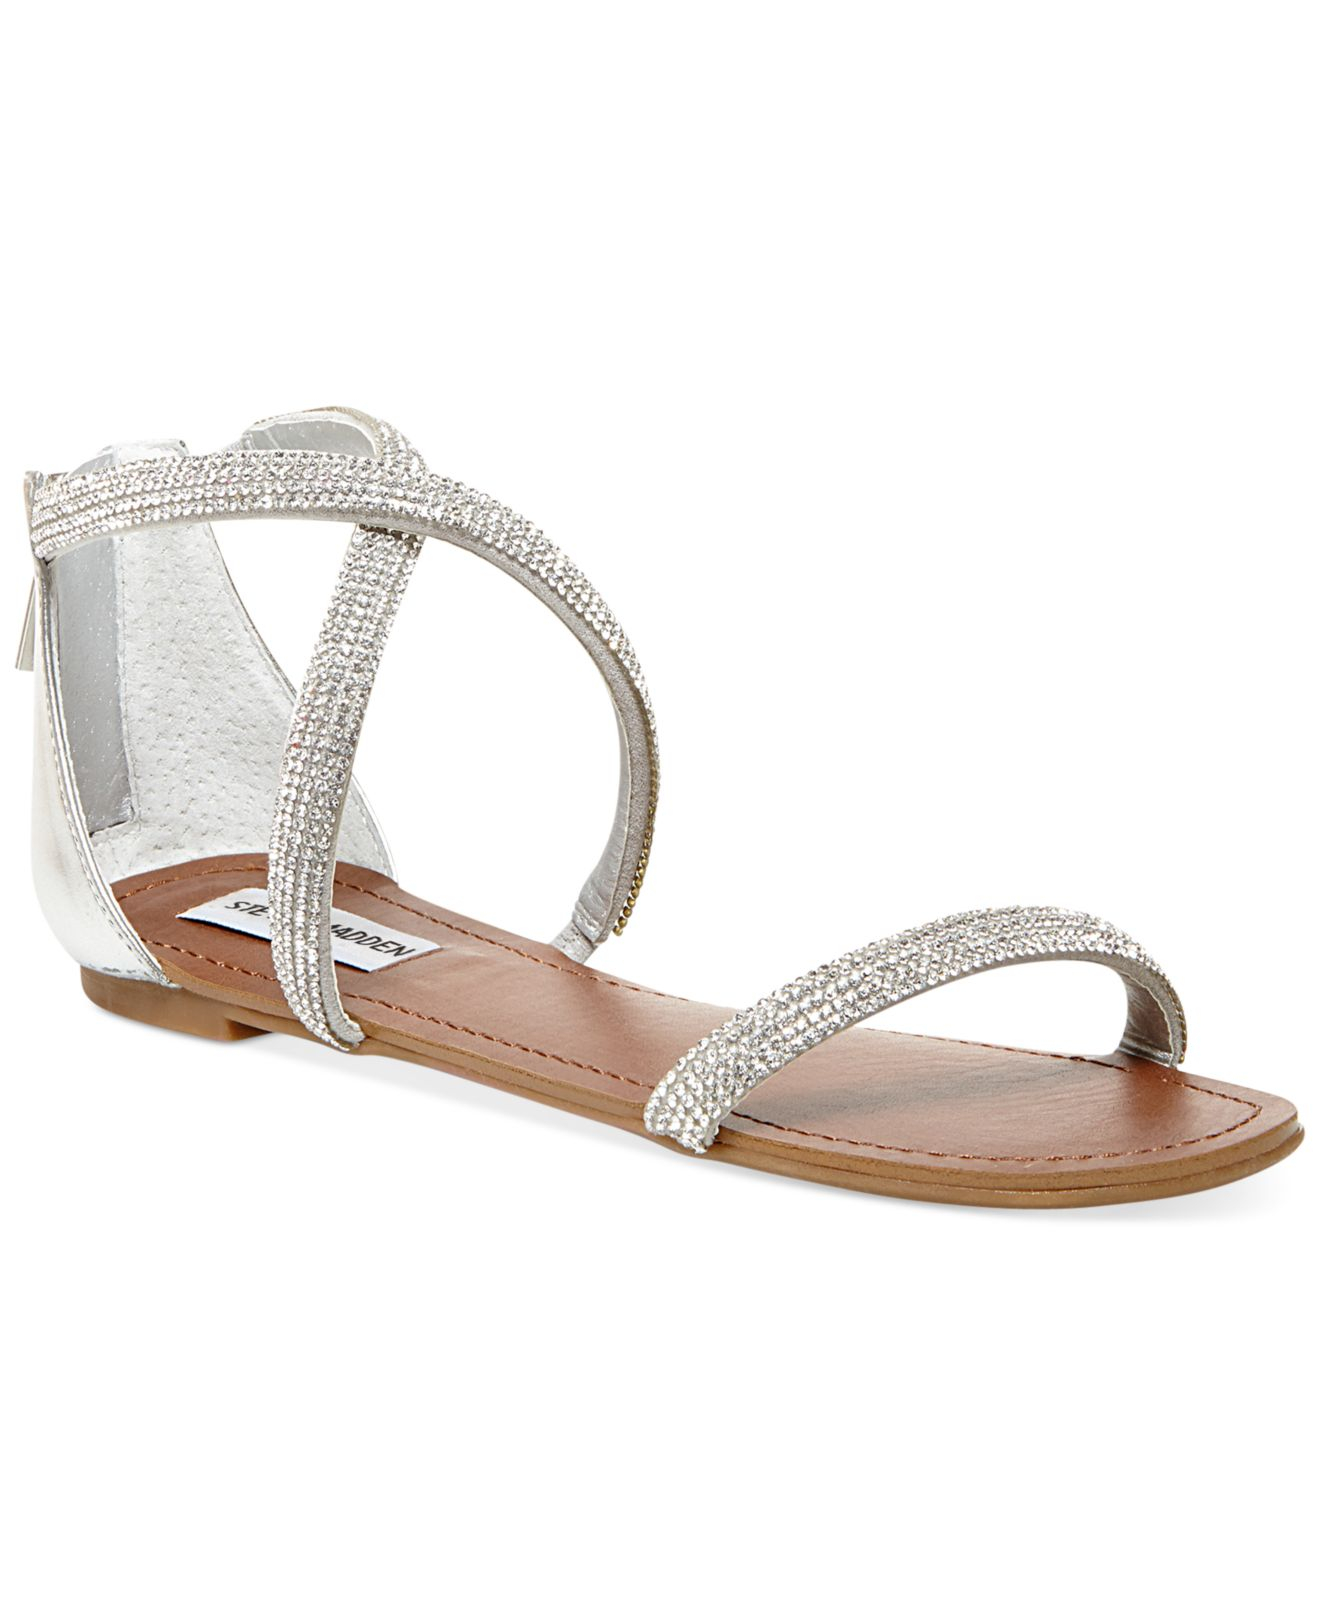 Steve Madden Zsaza Bling Flat Sandals